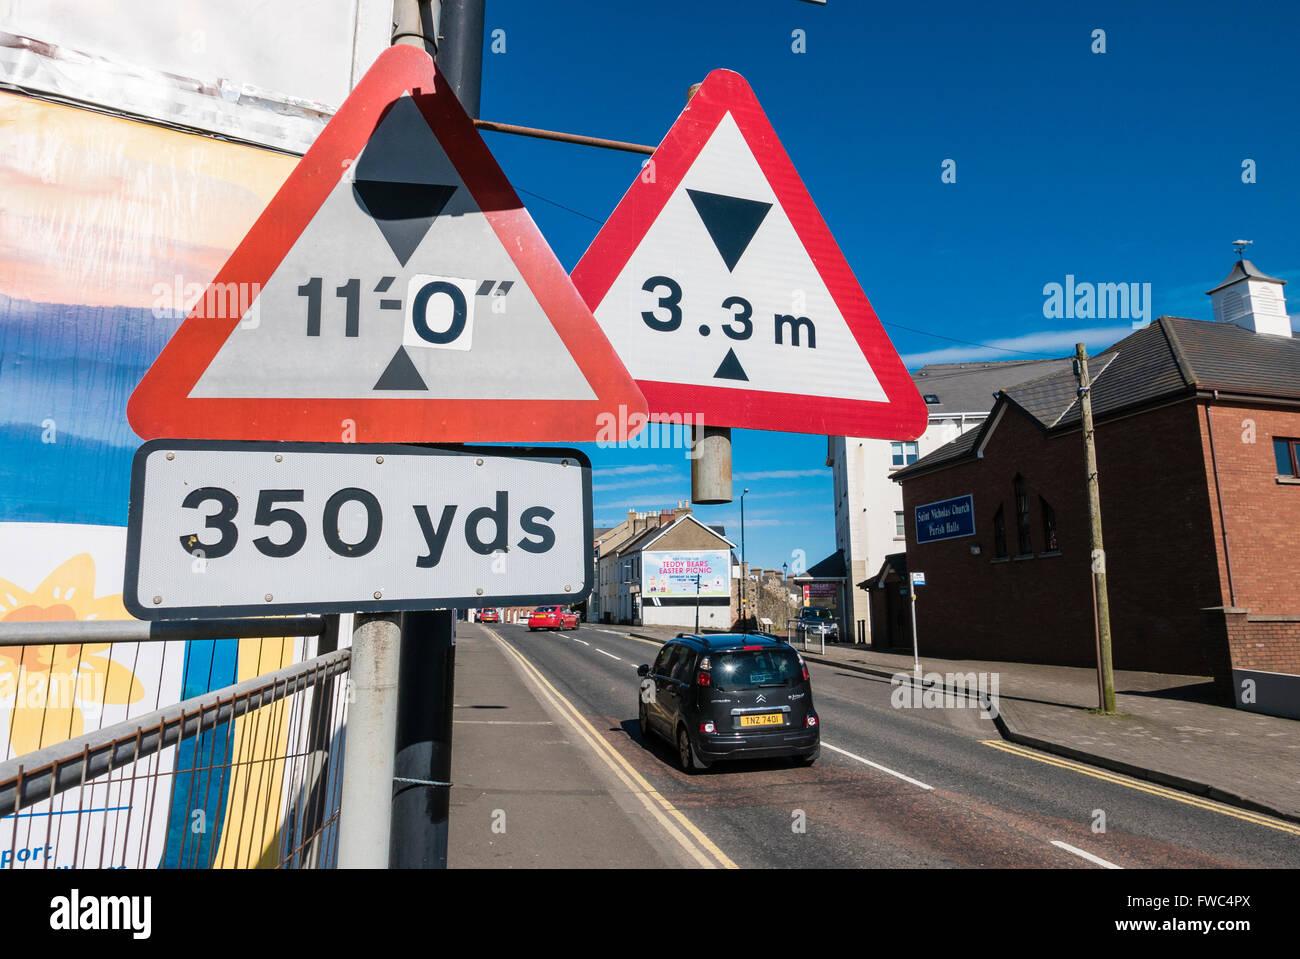 Panneau routier indiquant un changement de la hauteur d'un pont routier à venir, avec une nouvelle mesure Photo Stock